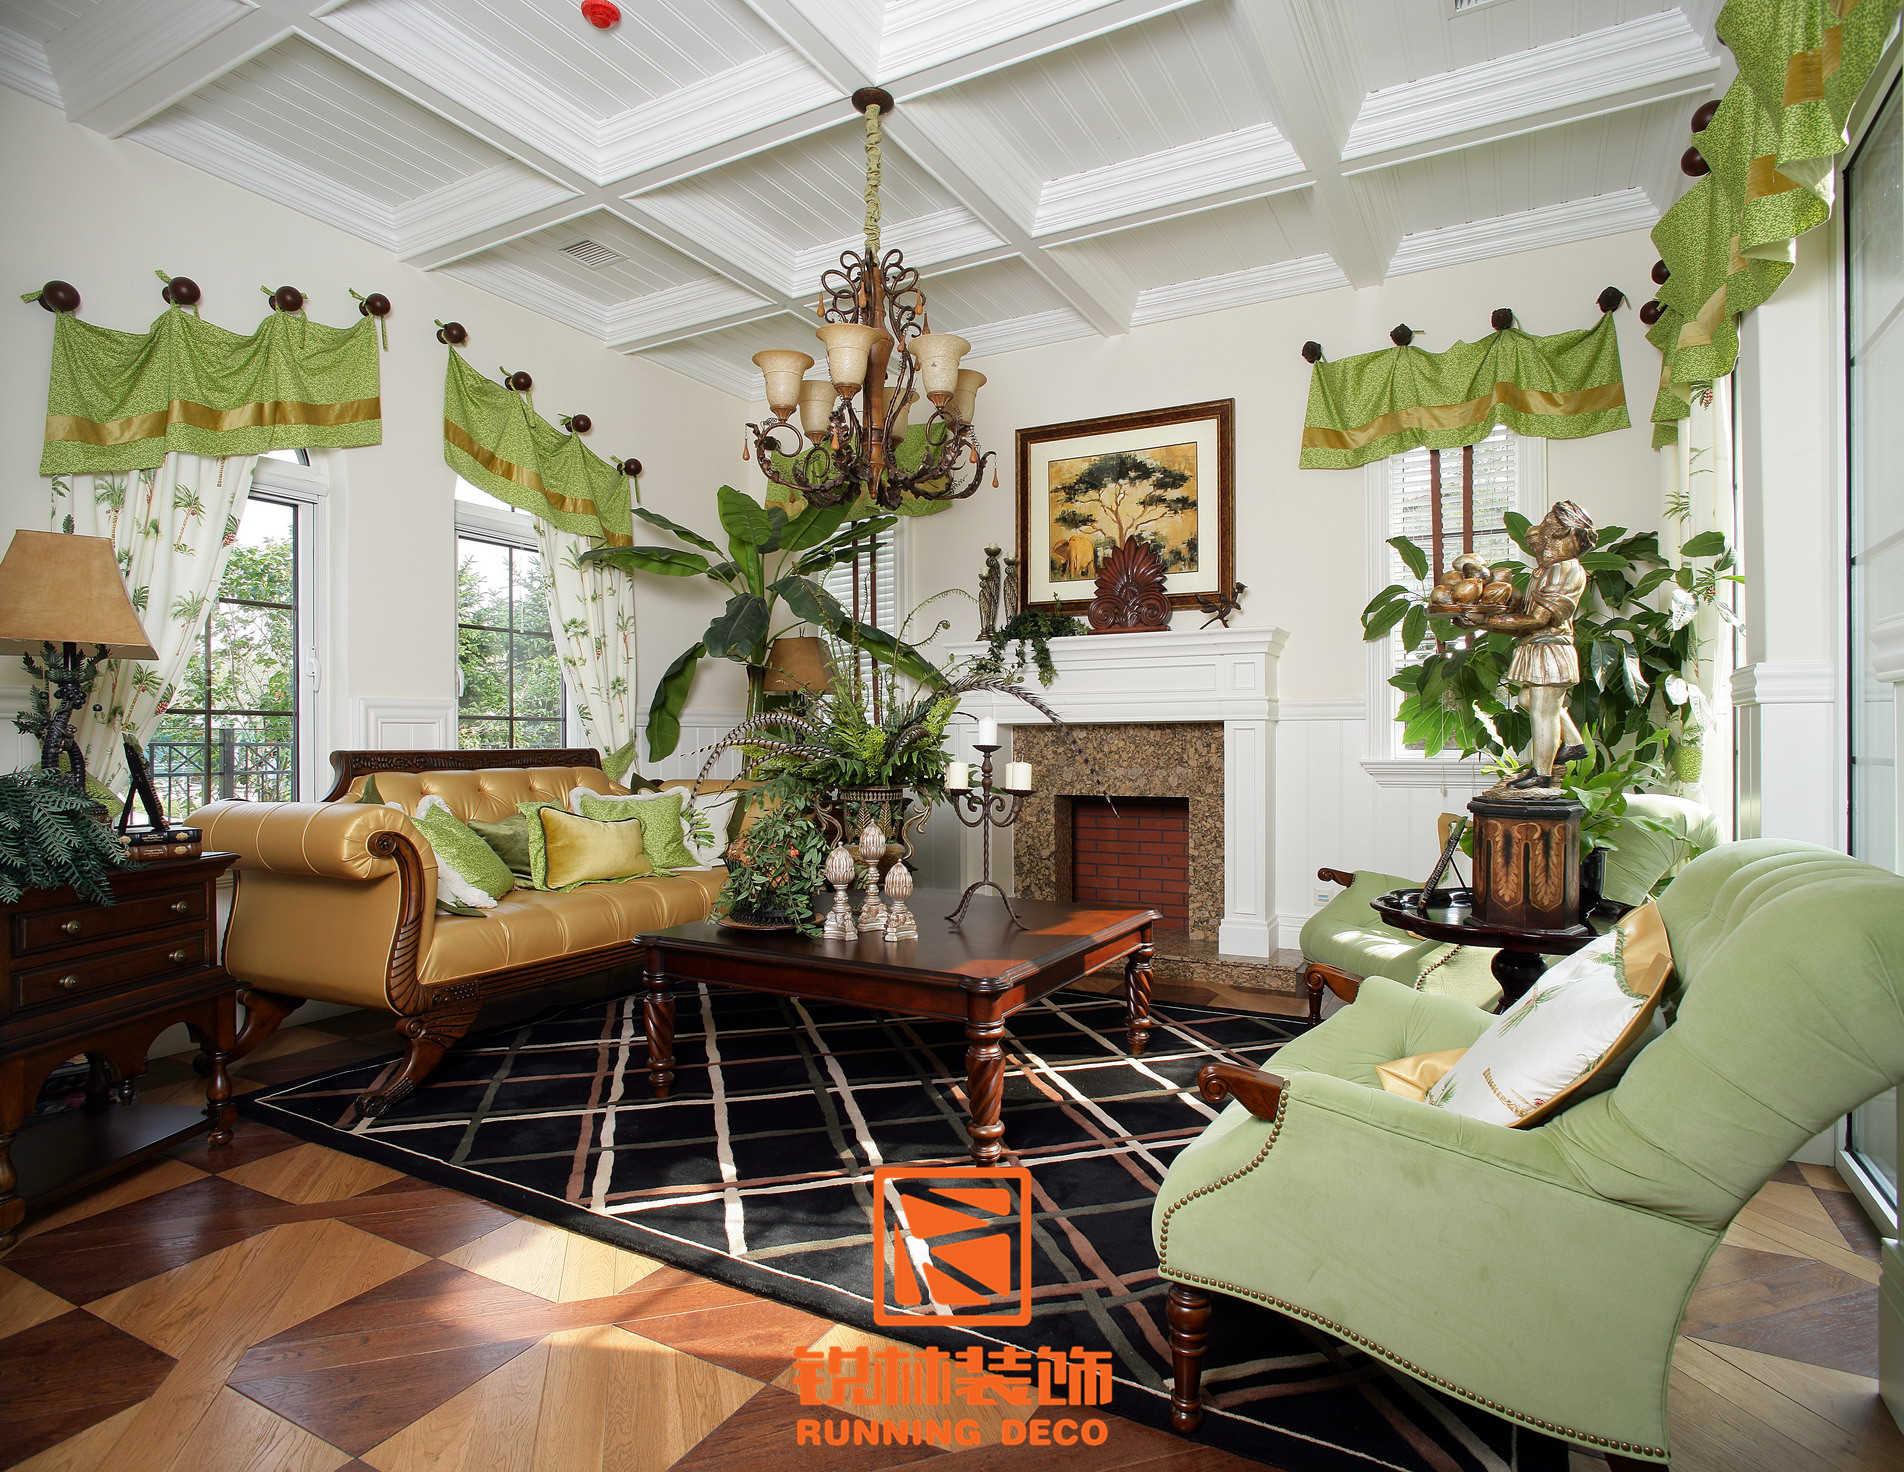 欧式 简约 田园 混搭 二居 三居 别墅 白领 收纳 客厅图片来自天津别墅设计装修在美式乡村风格的分享